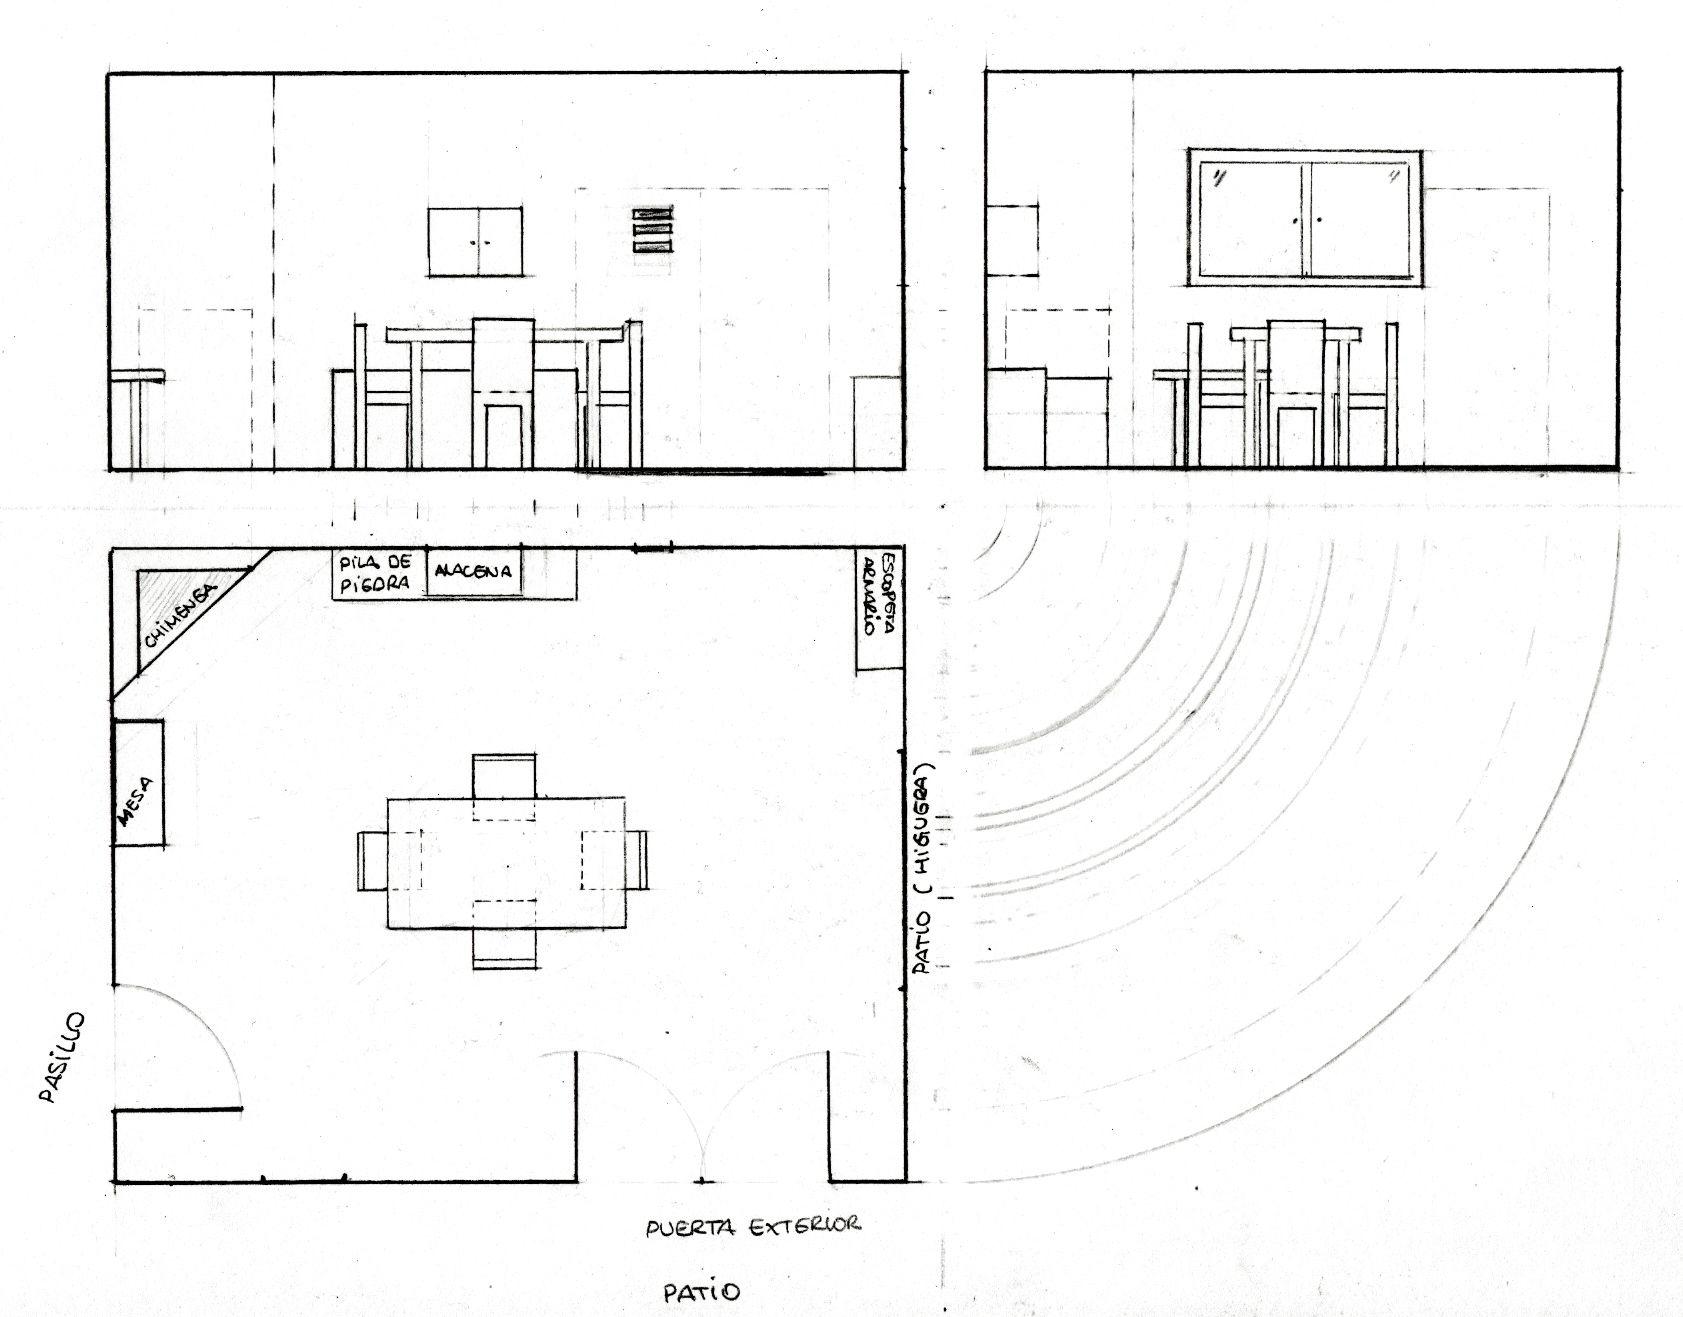 Planta alzado y perfil cocina de 5 x 4 m una chimenea una - Alacena de cocina ...